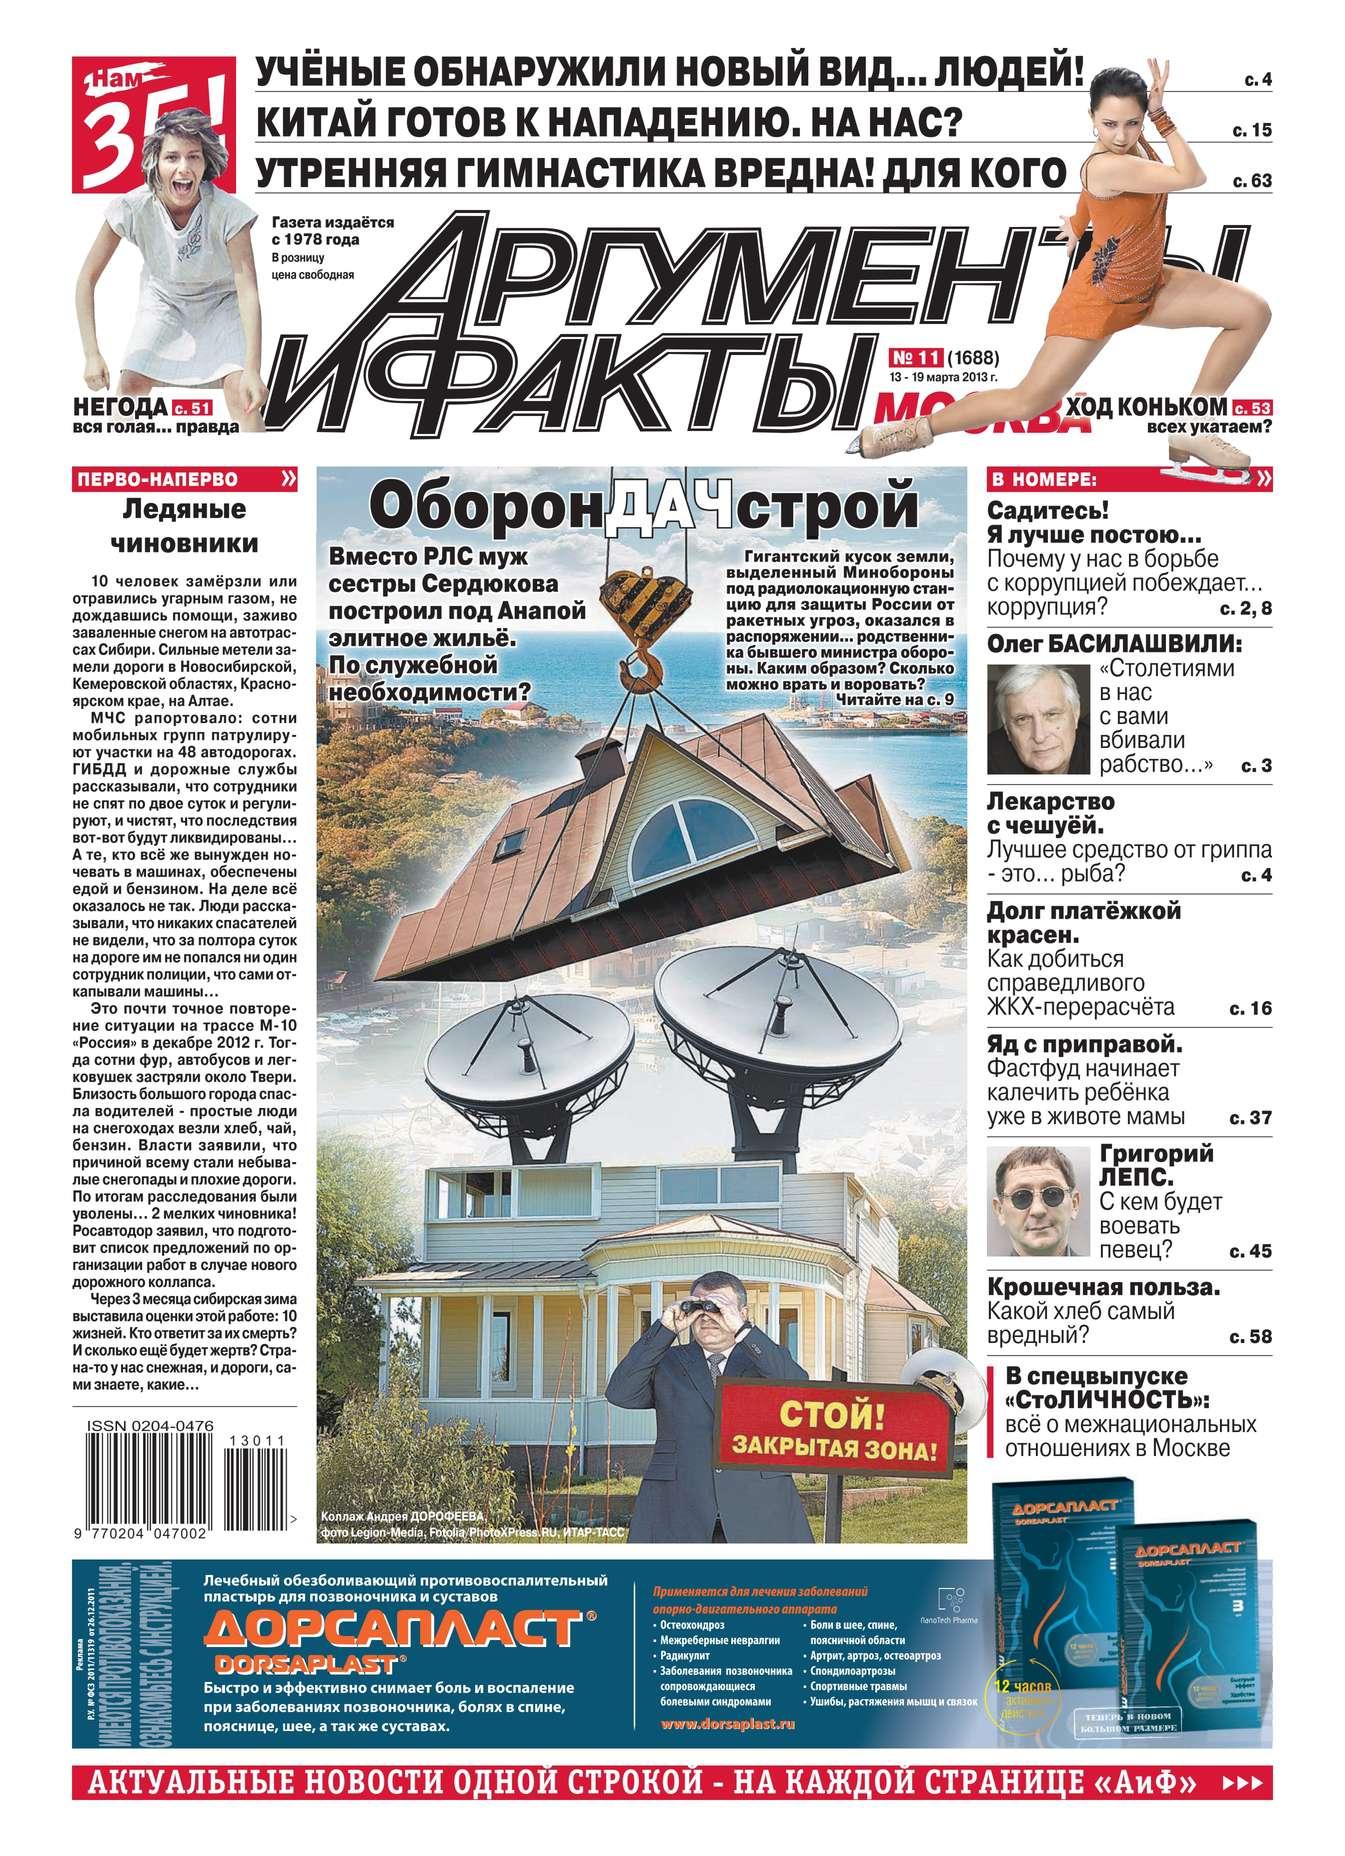 Редакция журнала Аиф. Про Кухню Аргументы и факты 11-2013